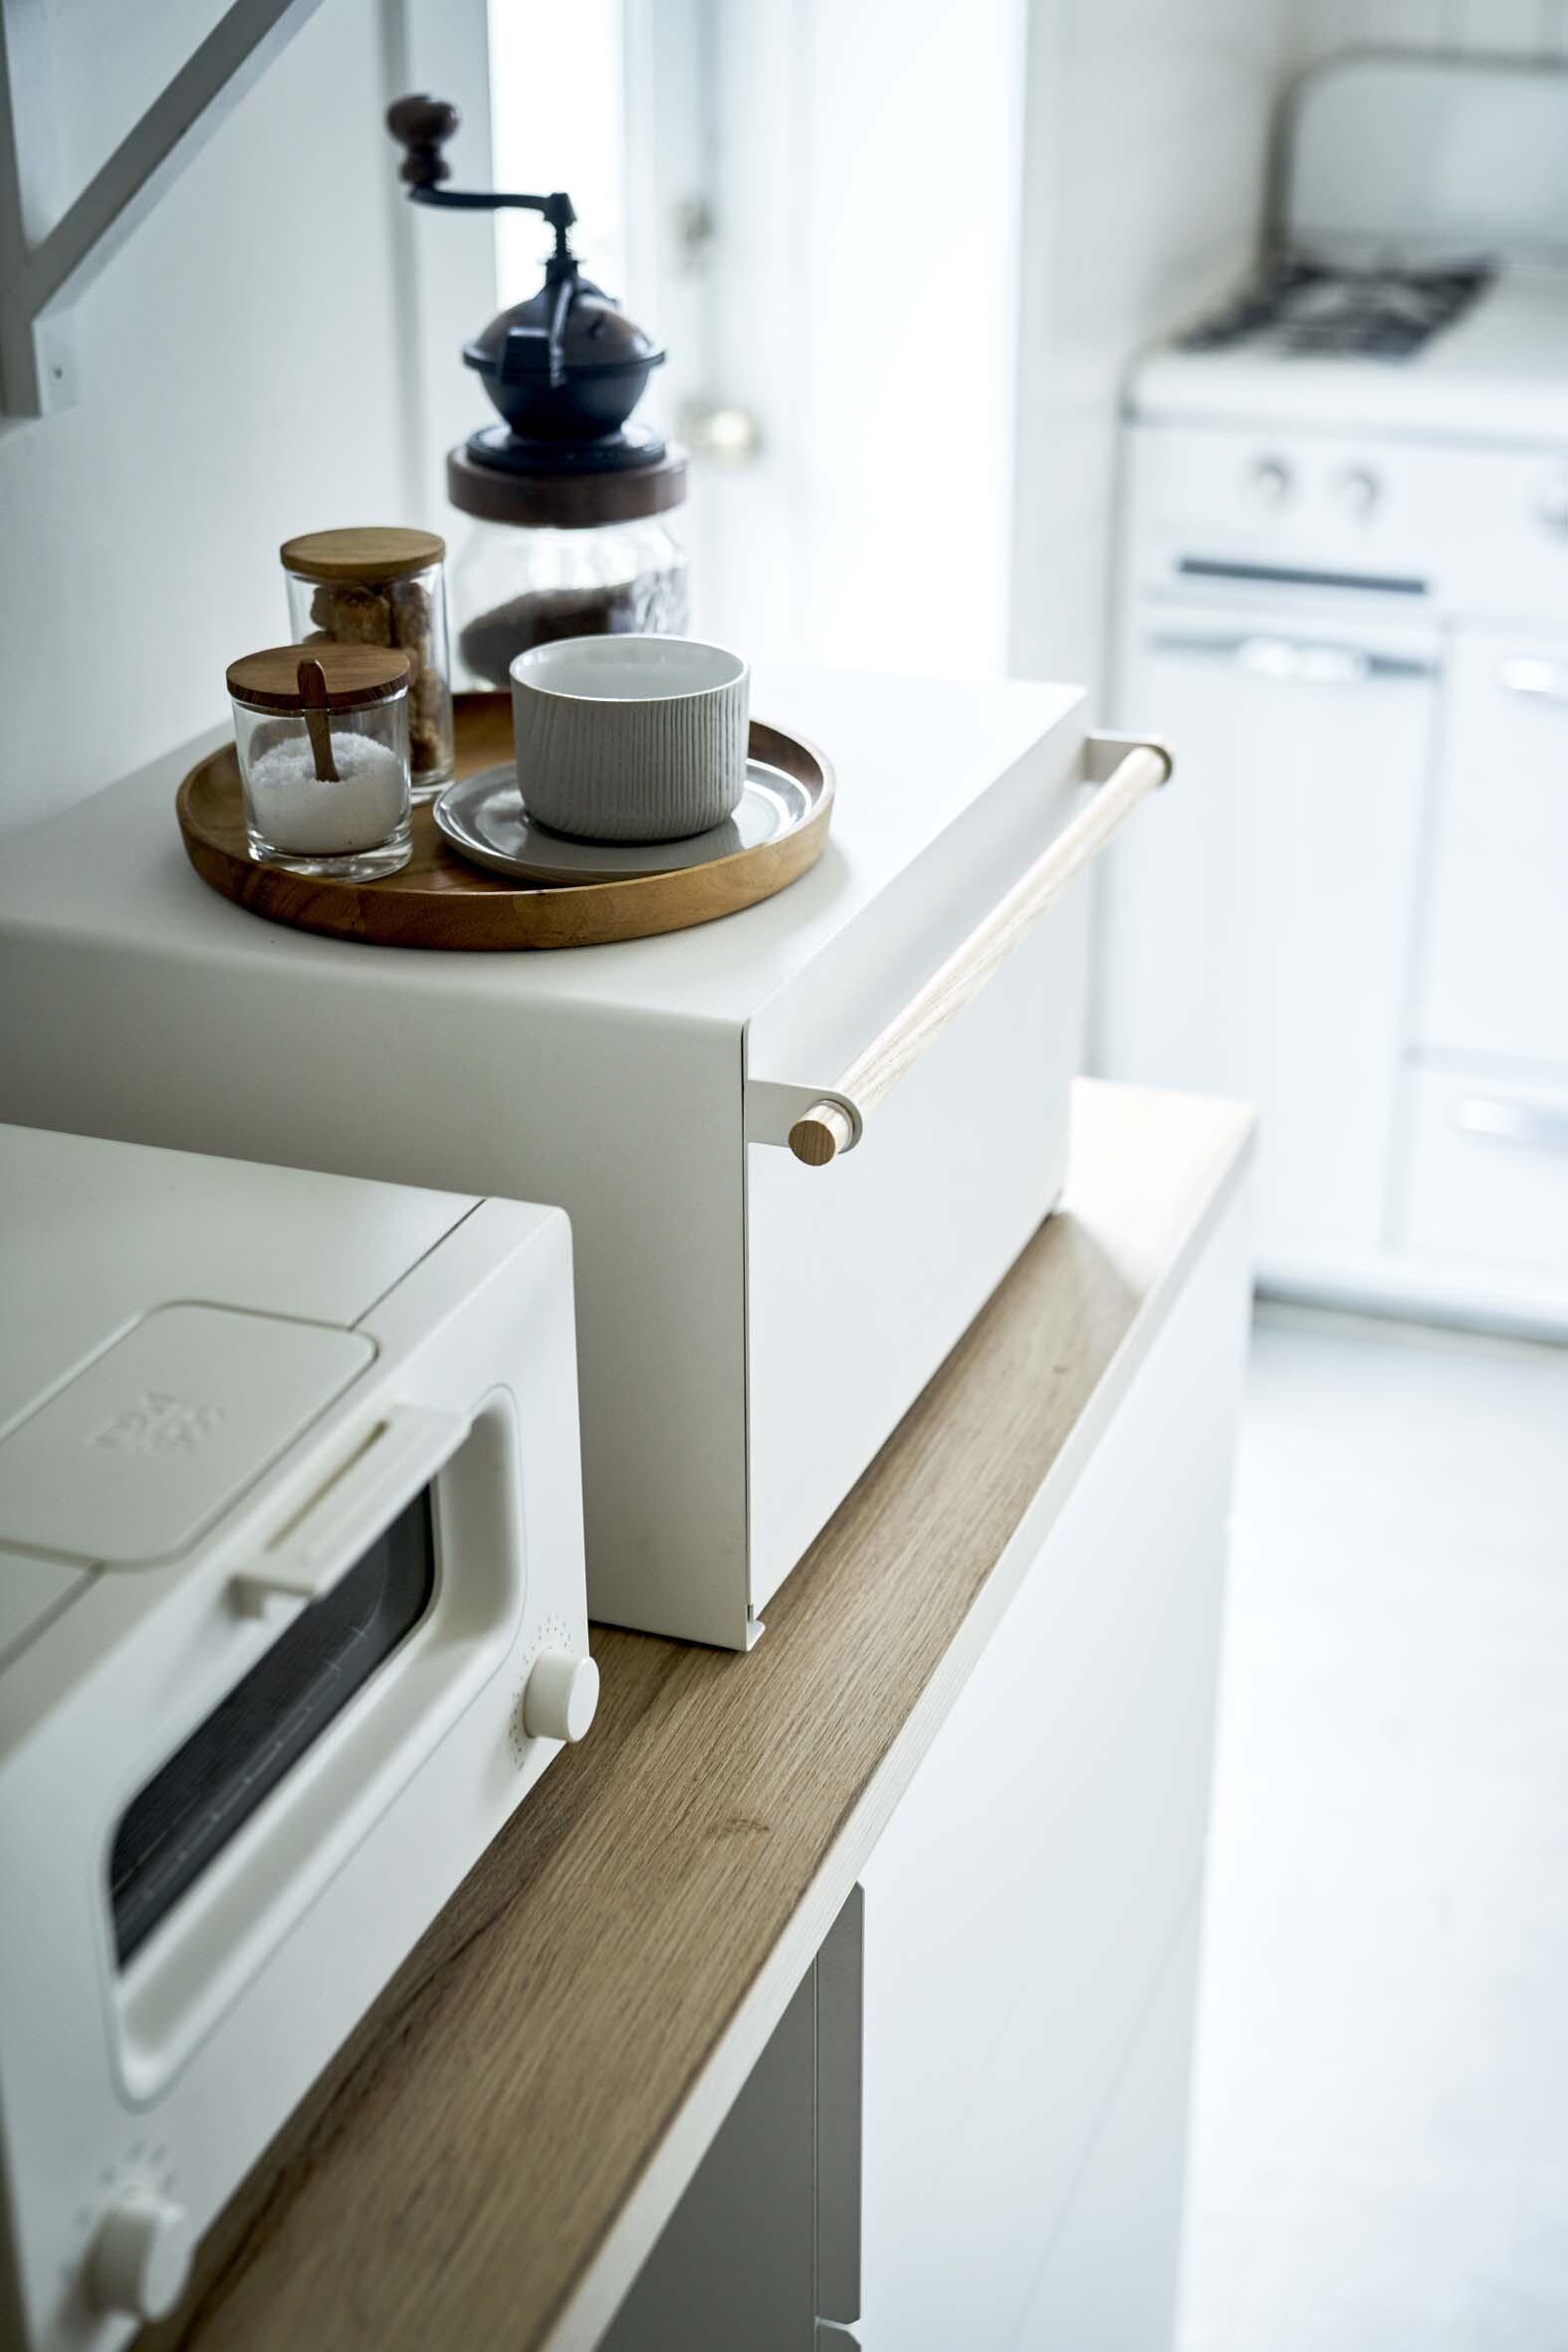 キッチンをスタイリッシュに!!キッチン廻りがスッキリするトースターラックナチュラル